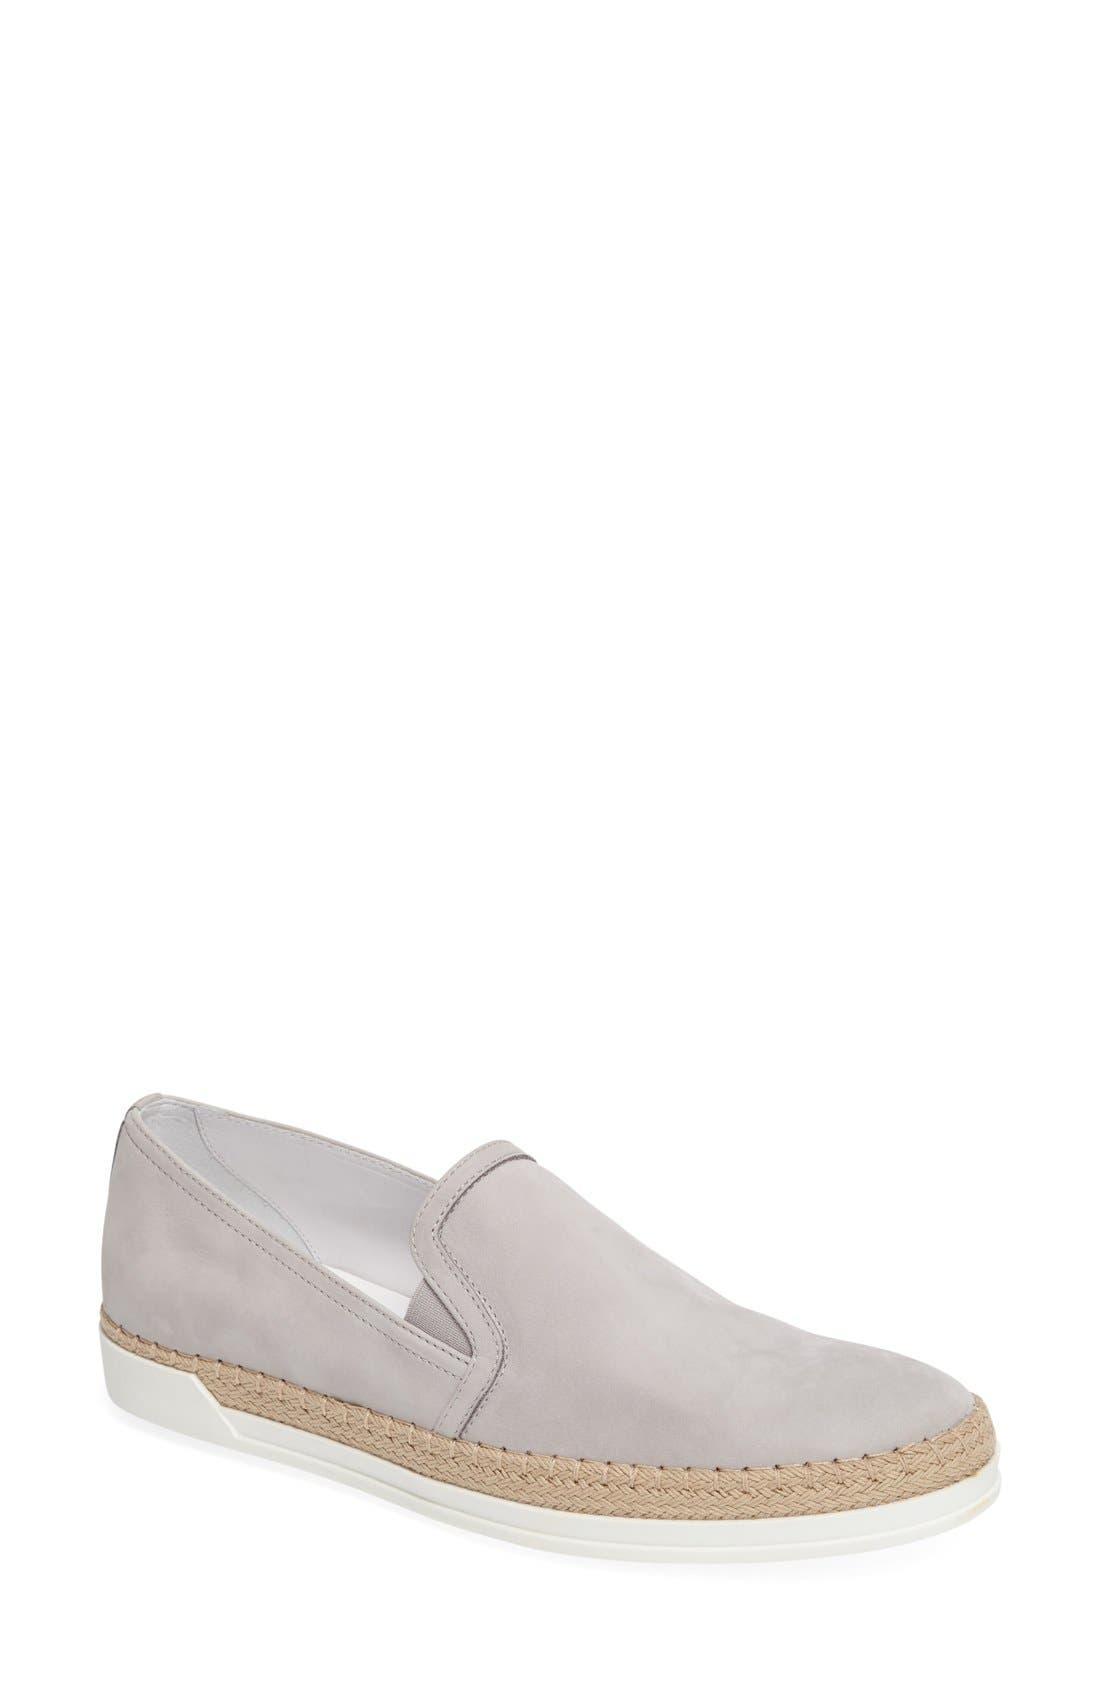 Bouffant Faible Lp F - Chaussures Pour Femmes / Palladium Gris it2AB